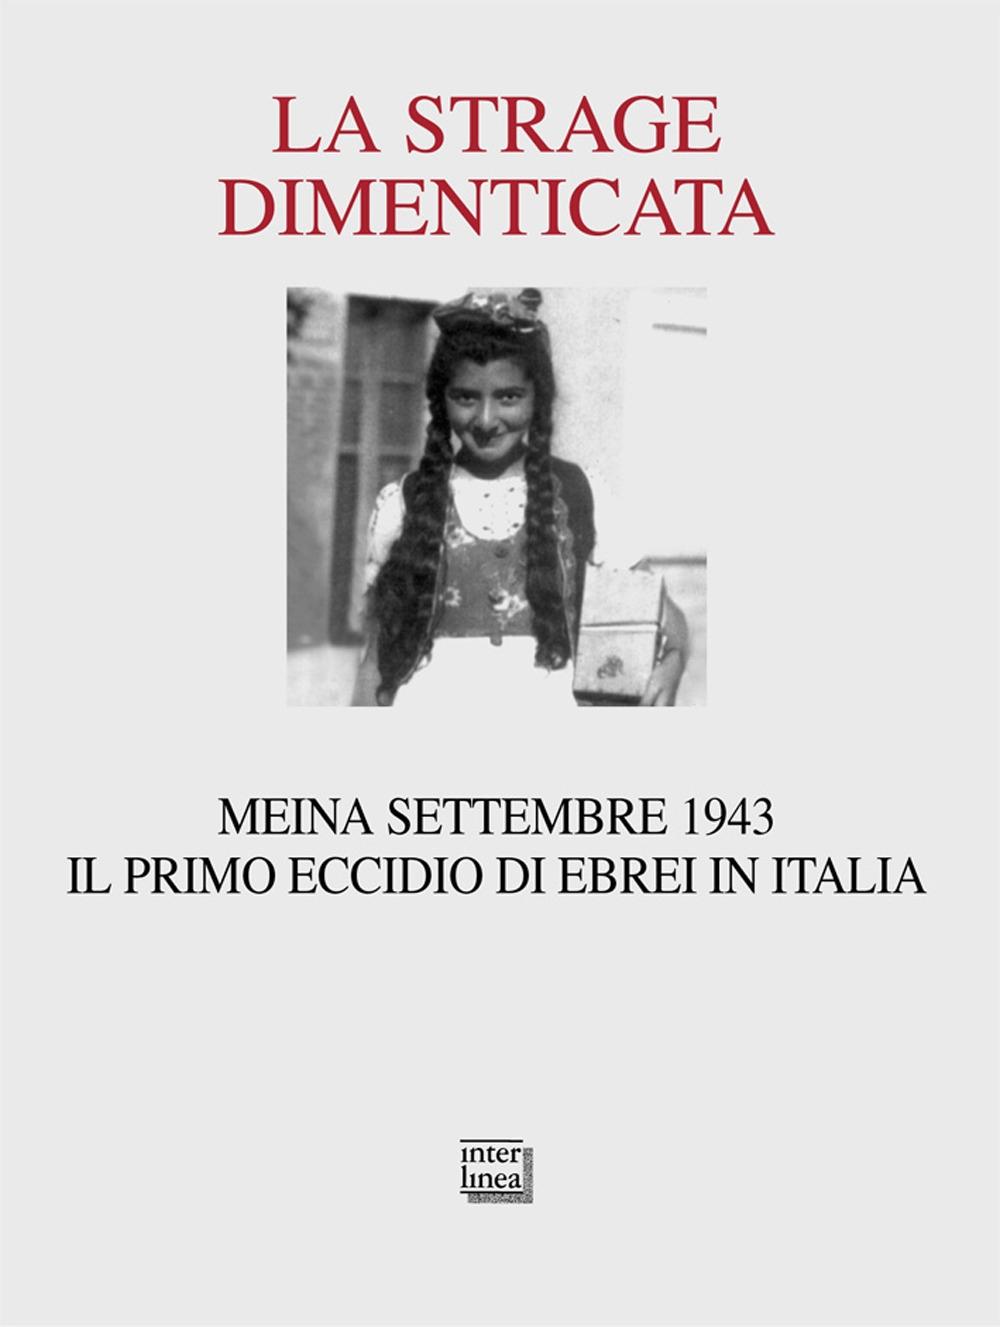 La strage dimenticata. Meina settembre 1943. Il primo eccidio di ebrei in Italia. Con la testimonianza della superstite Becky Behar